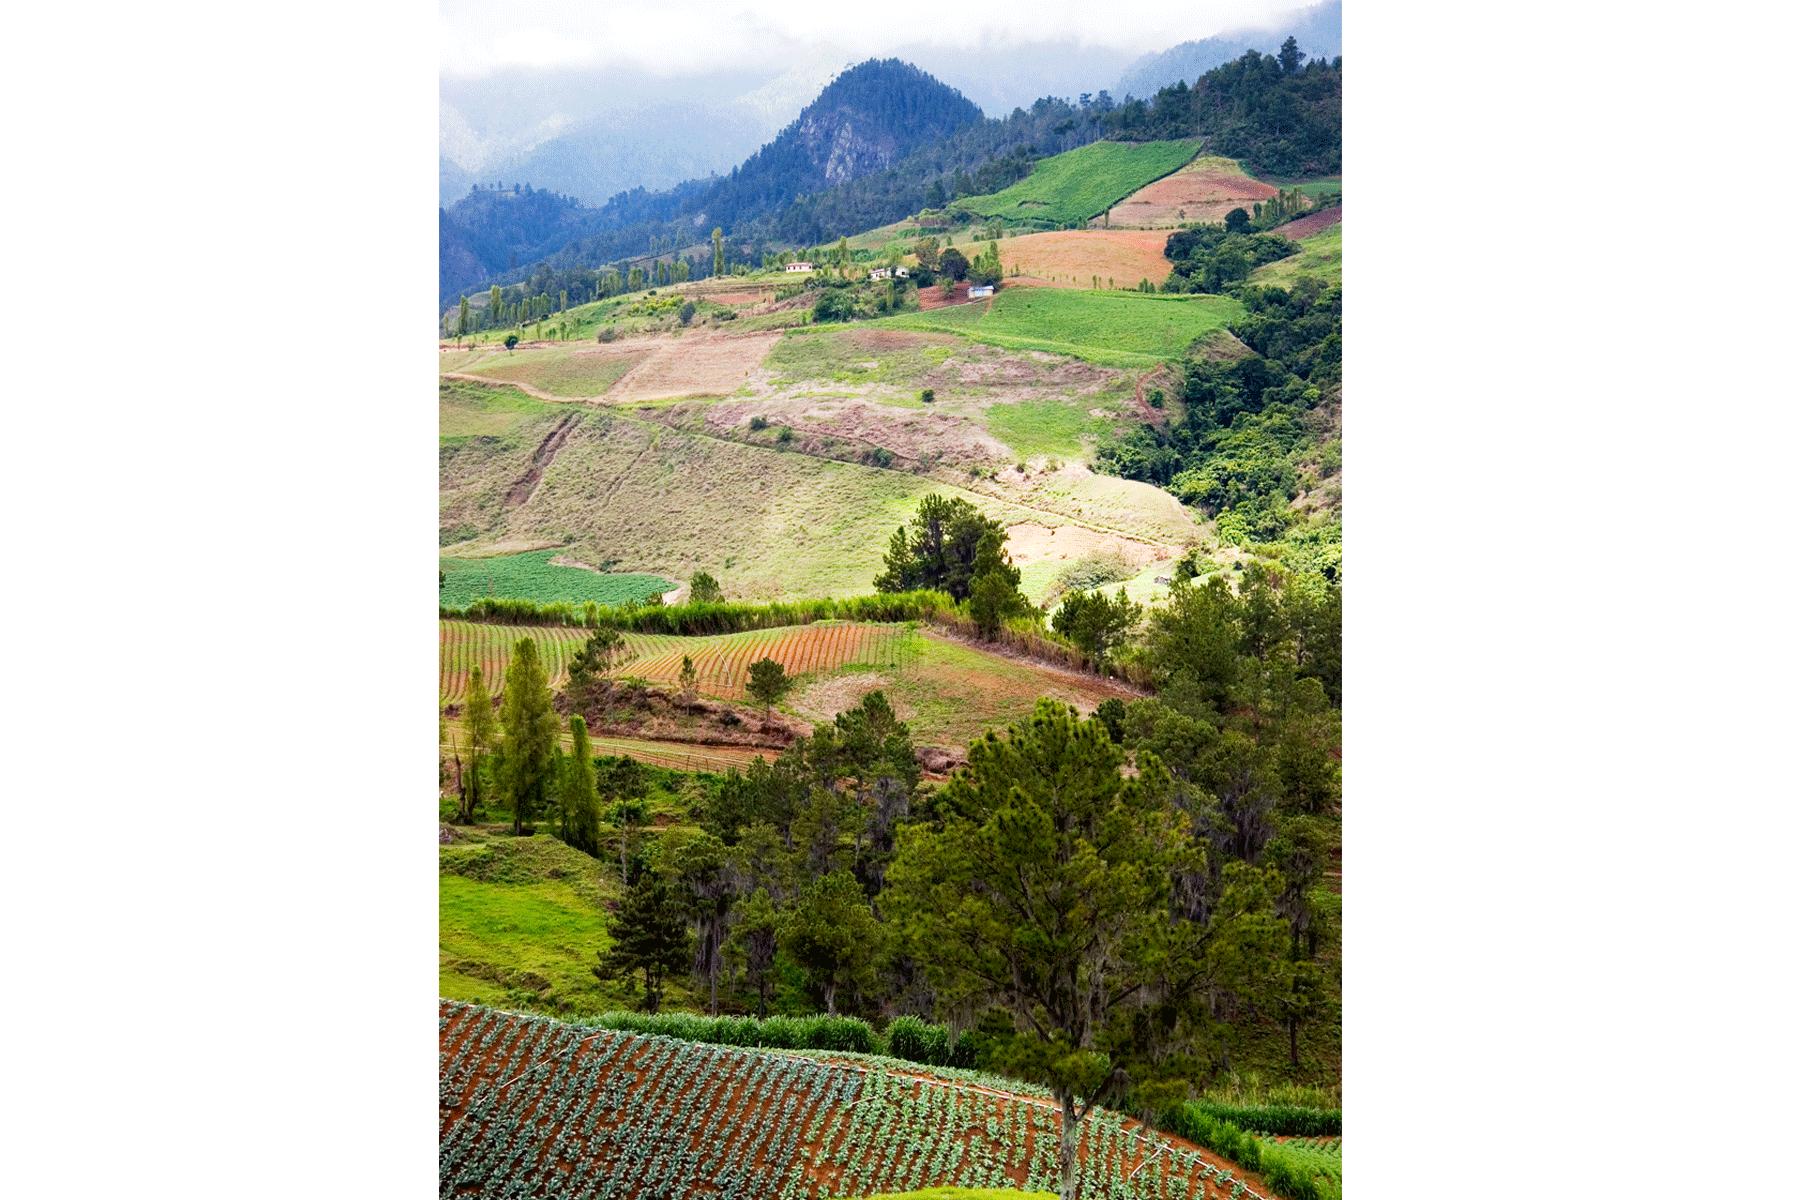 constanza-jarabacoa-farm-dominican-republic-mountains